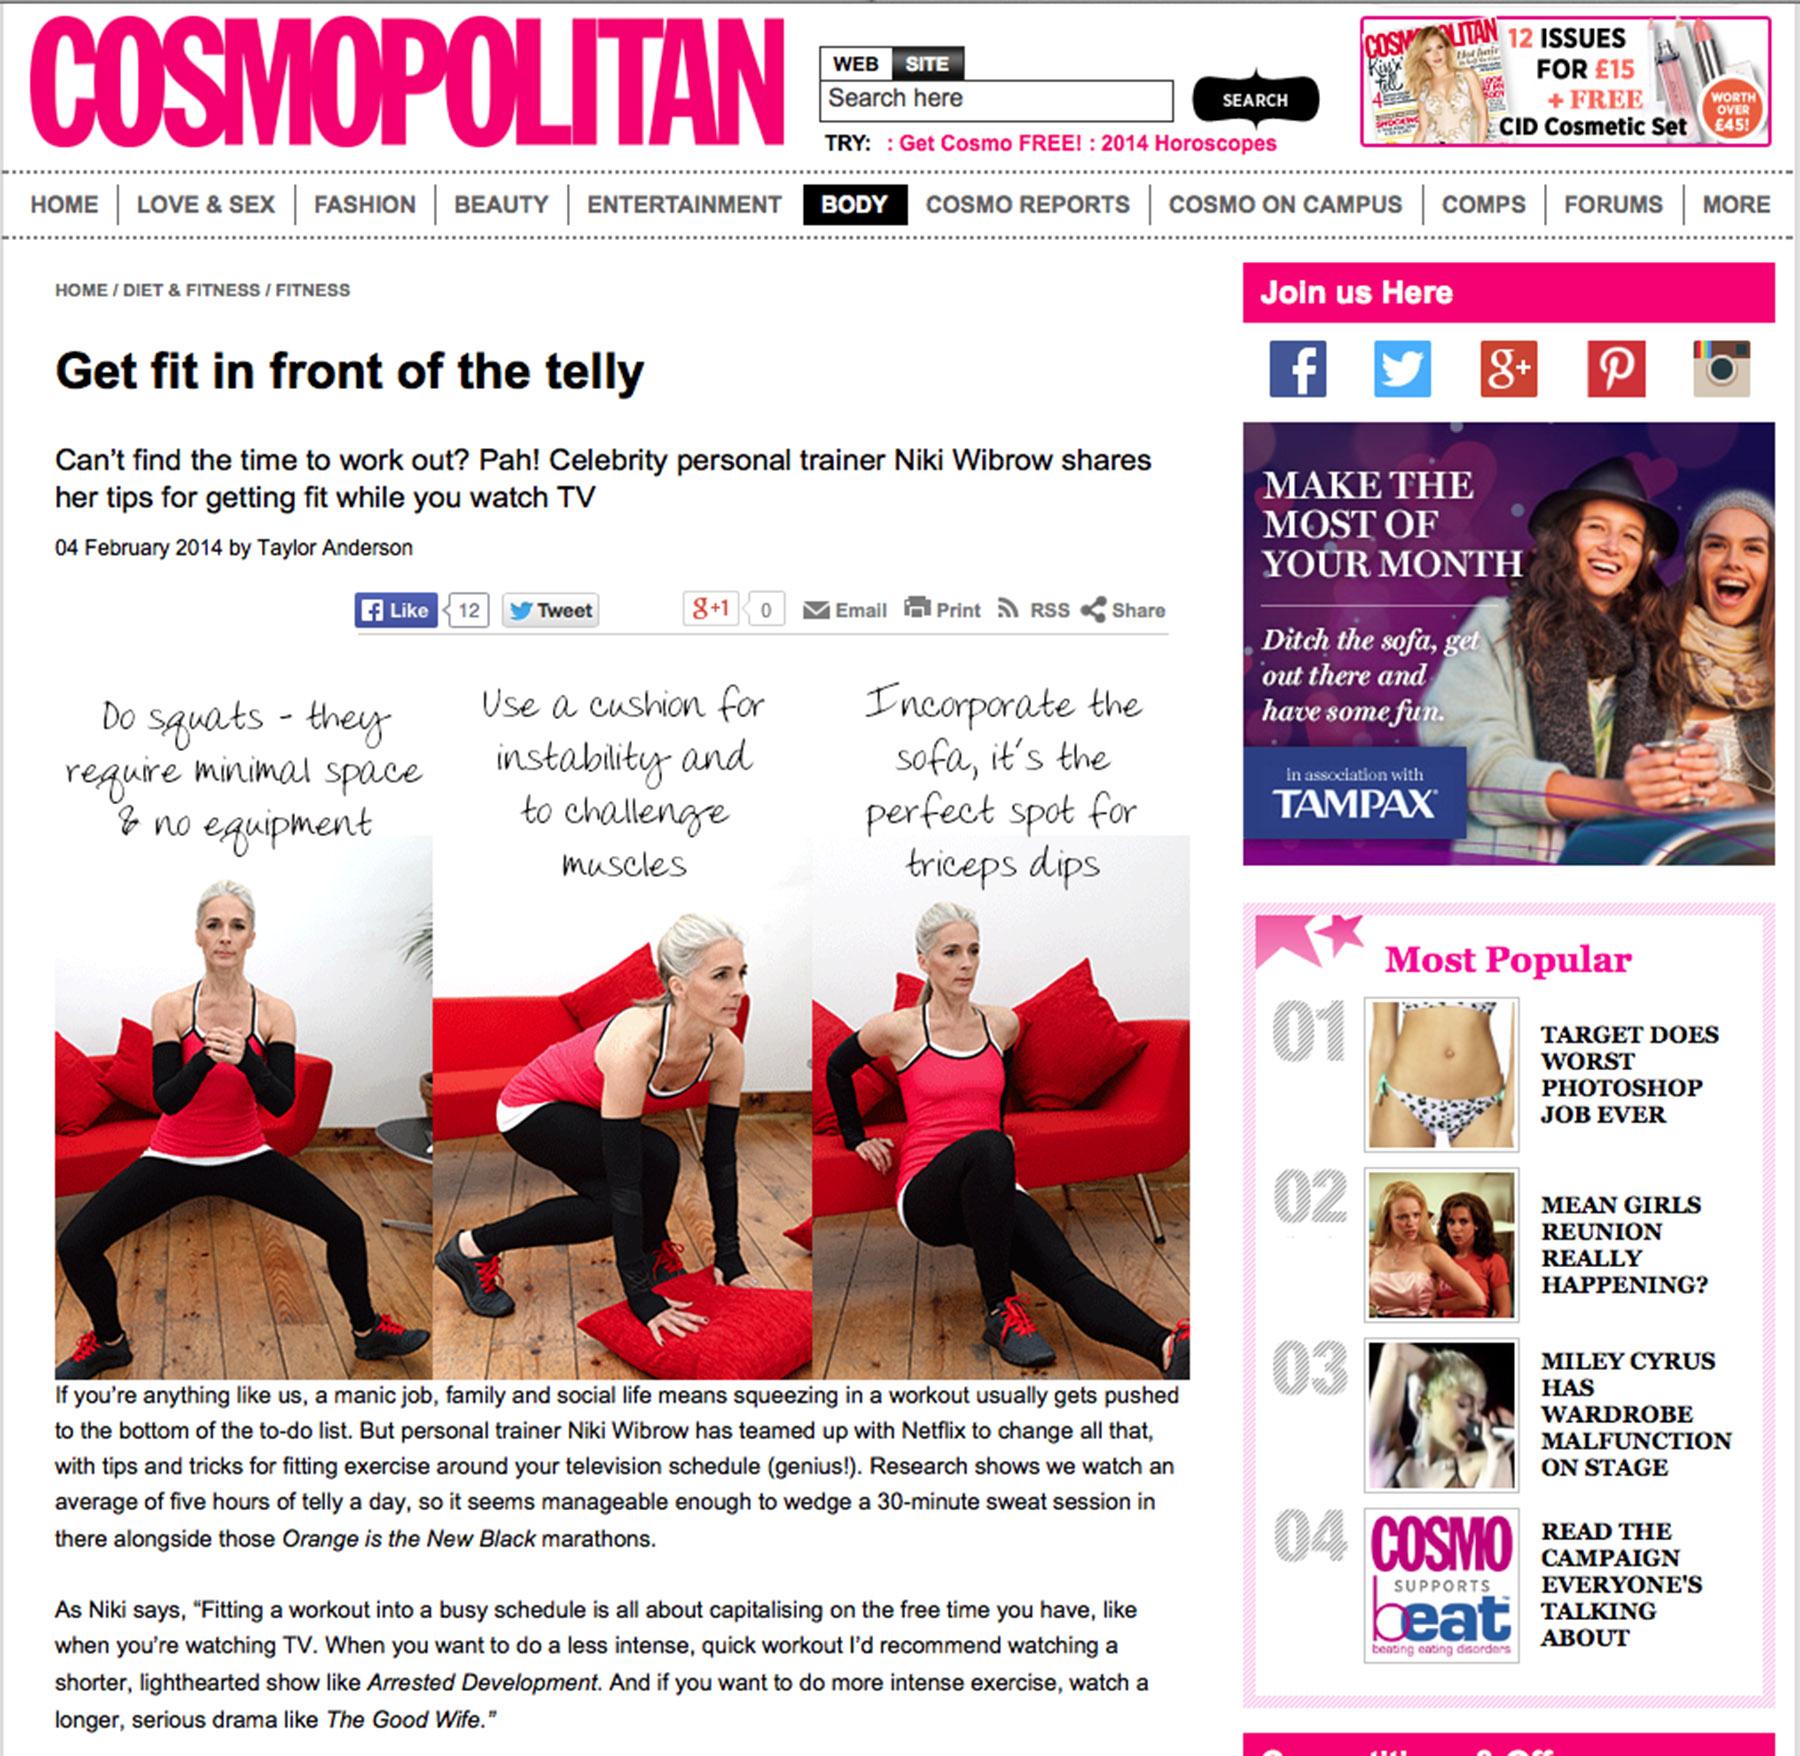 cosmopolitan online